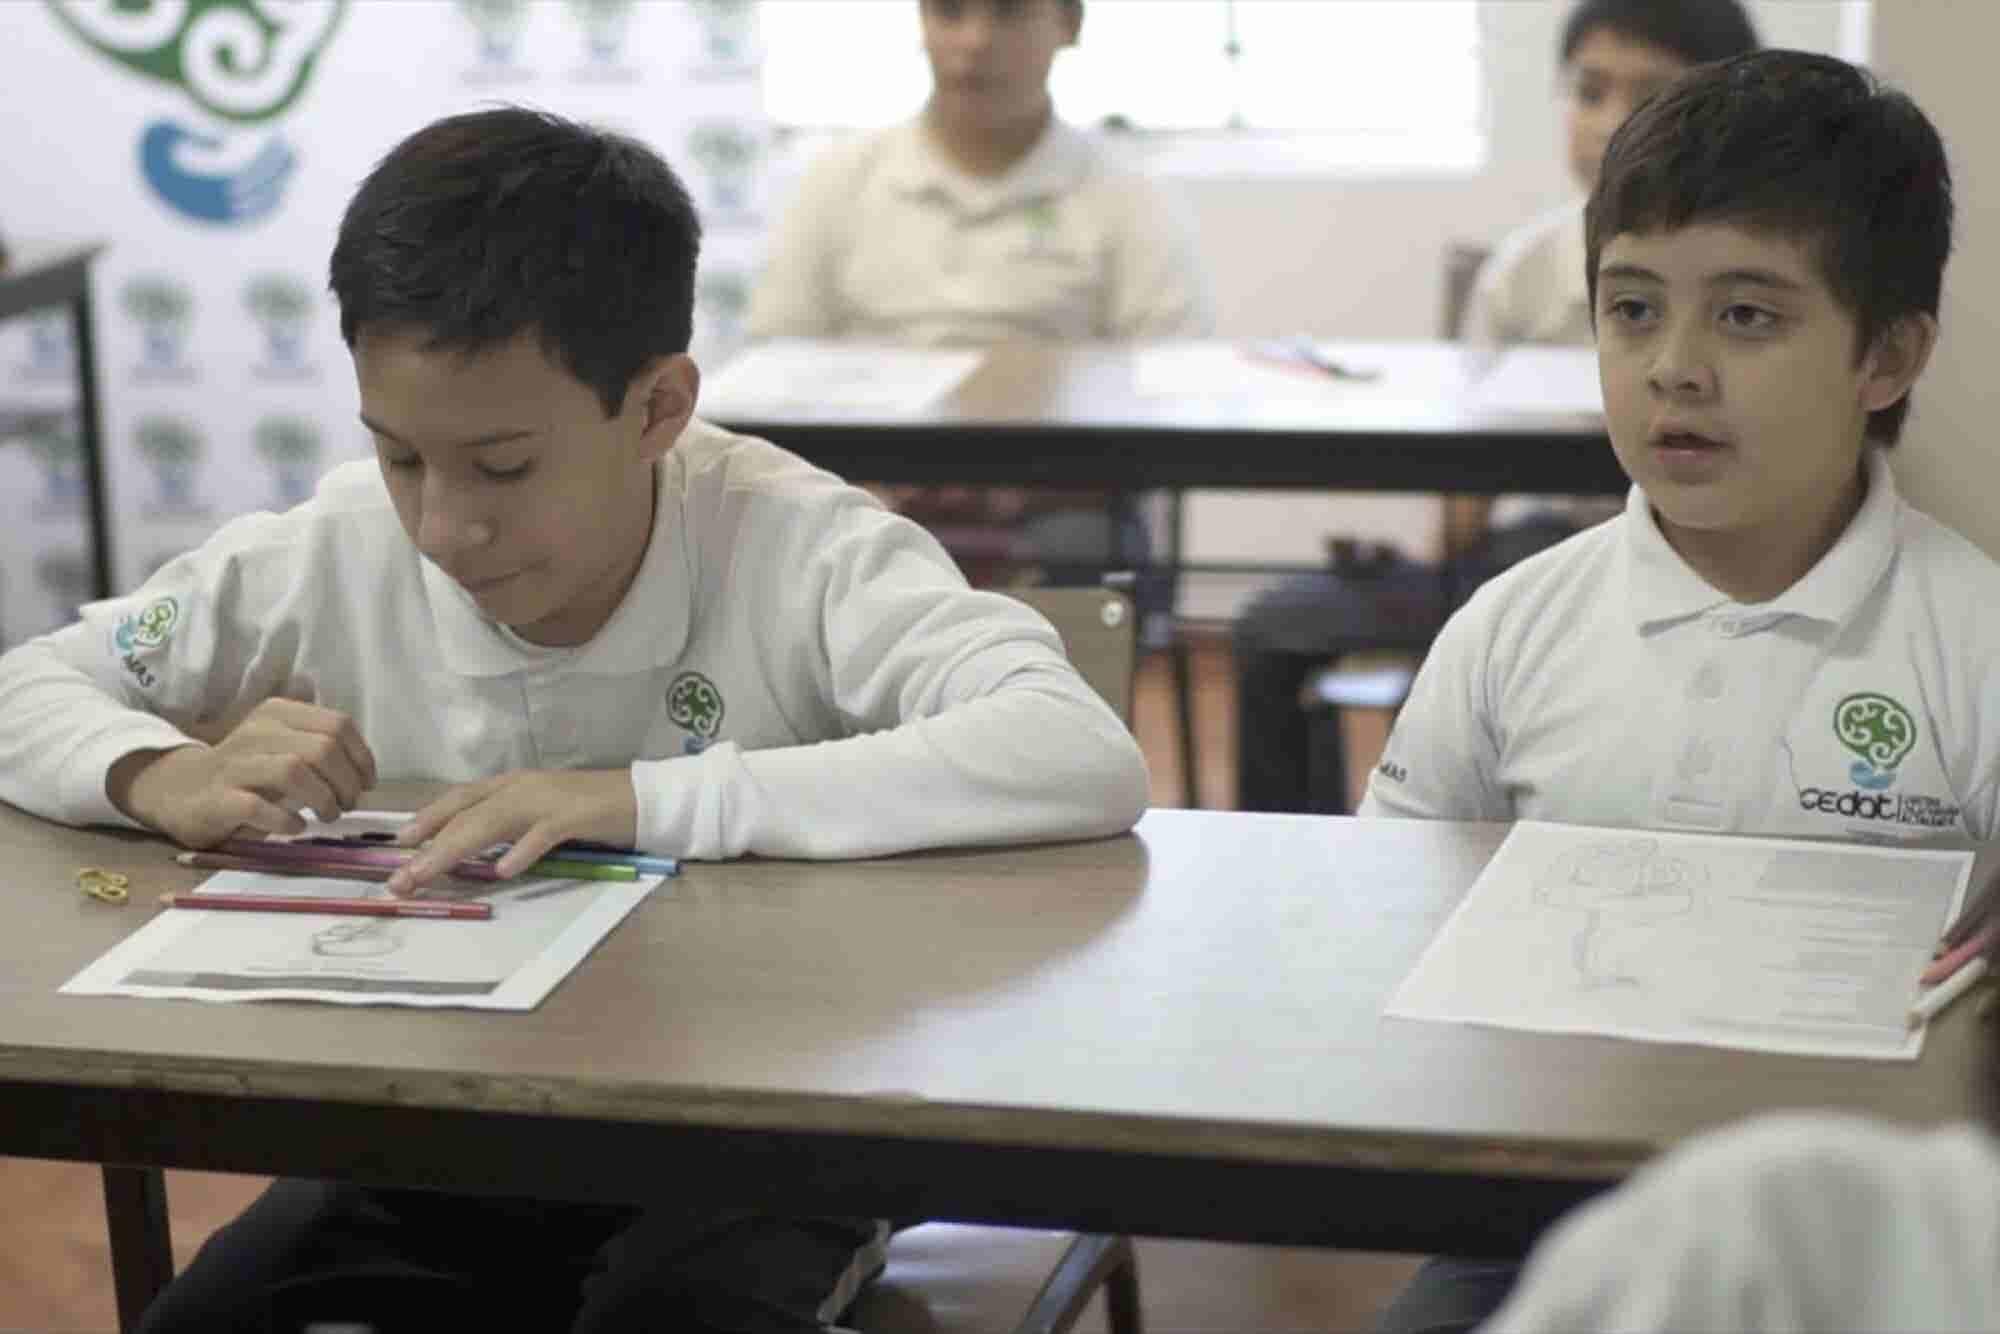 Emprendedores sobredotados, la apuesta de esta escuela en México